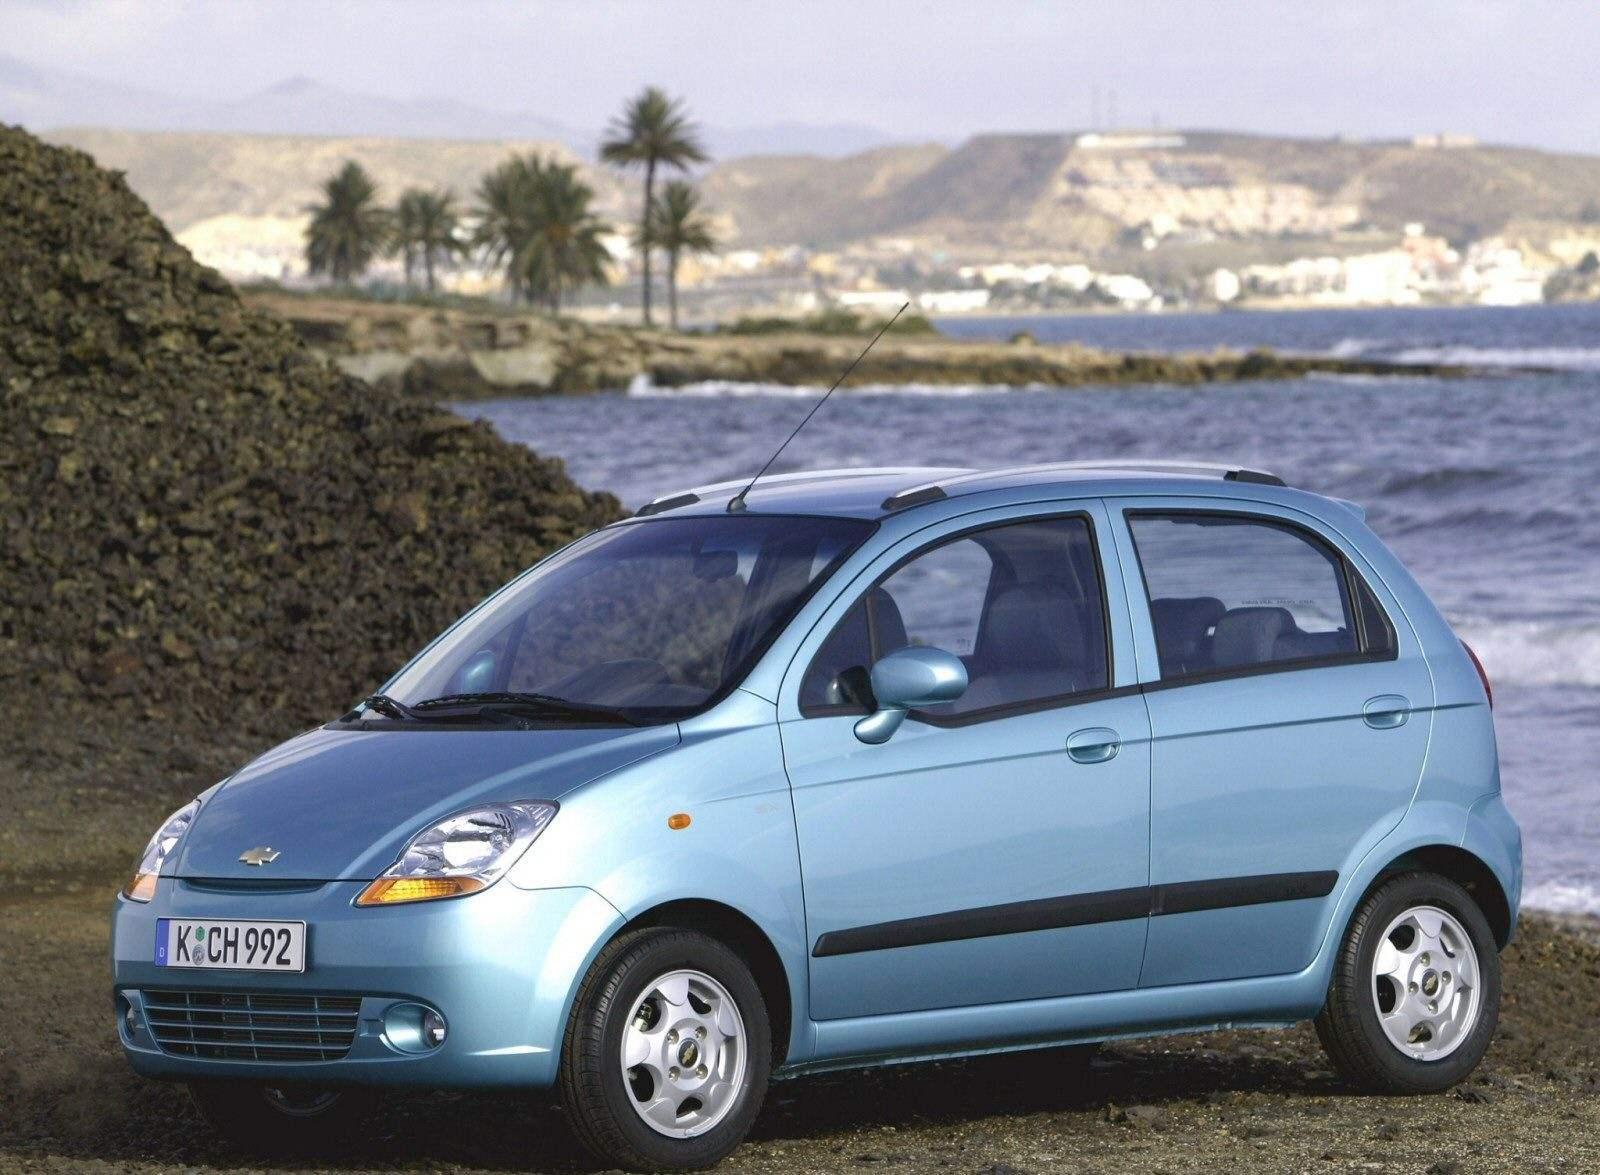 CHEVROLET SPARK выпуска 2005 года — автомобиль европейского размерного класса A